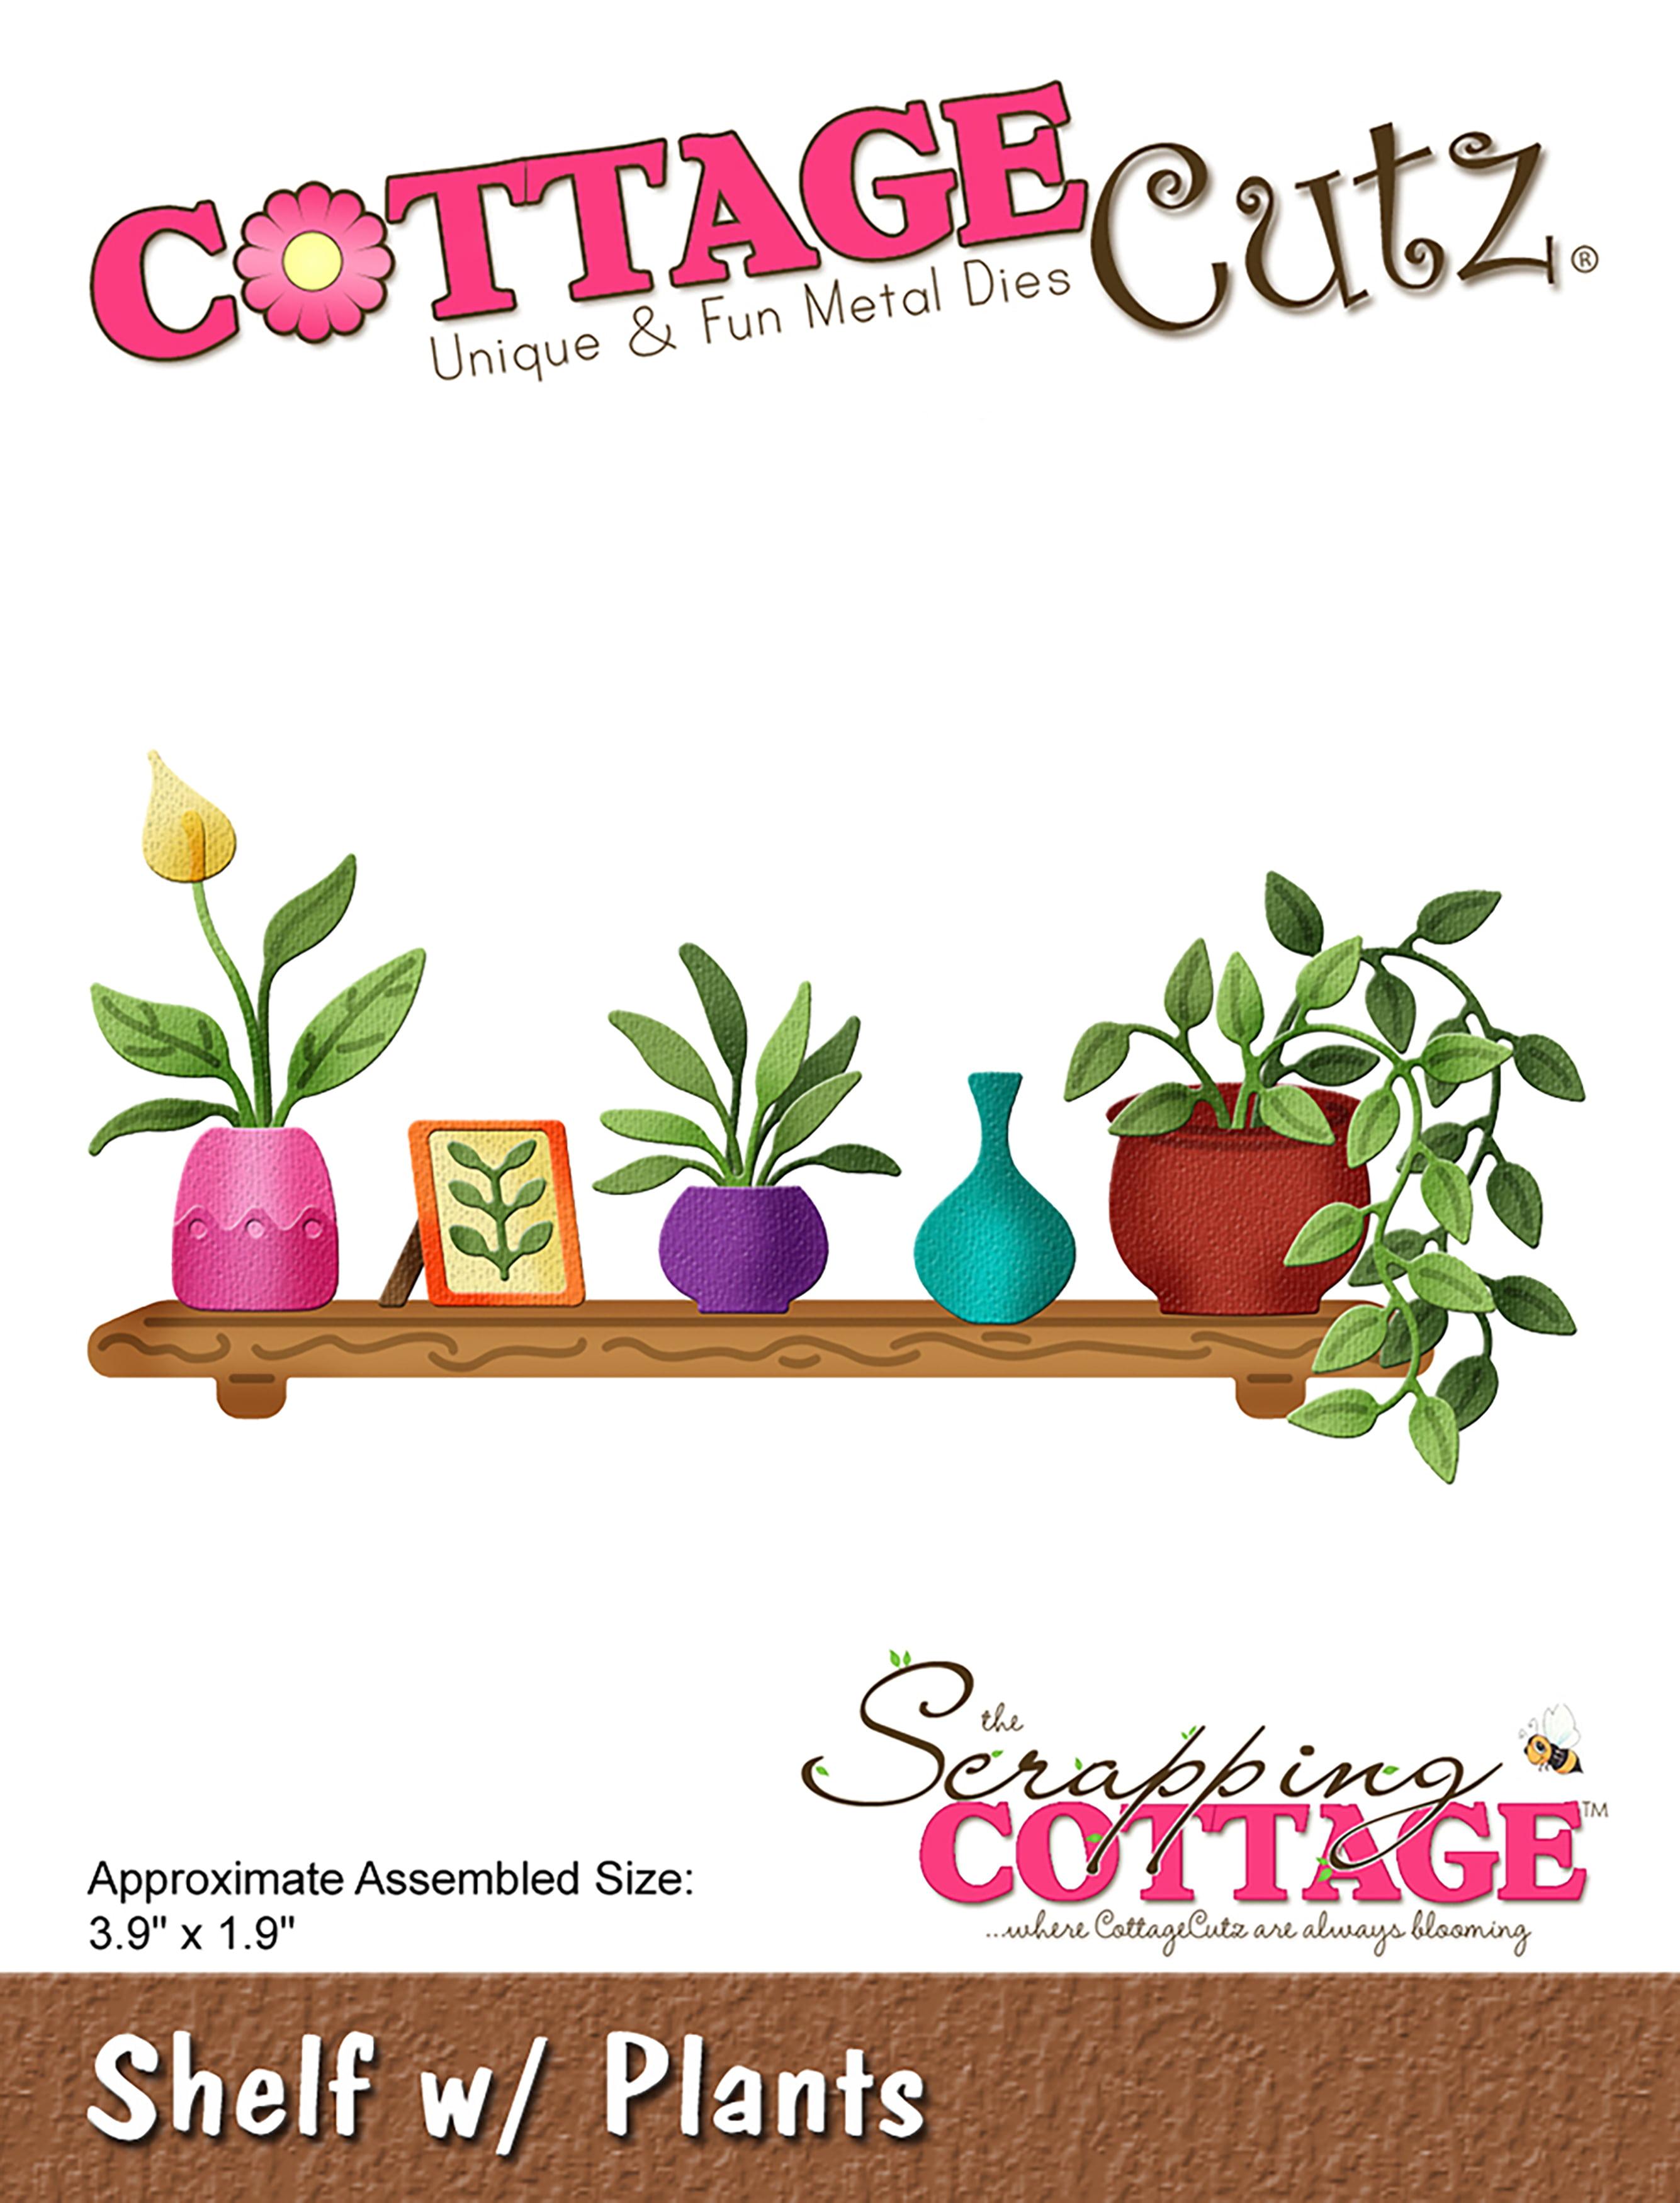 Afbeeldingsresultaat voor Cottage cutz shelf with plants